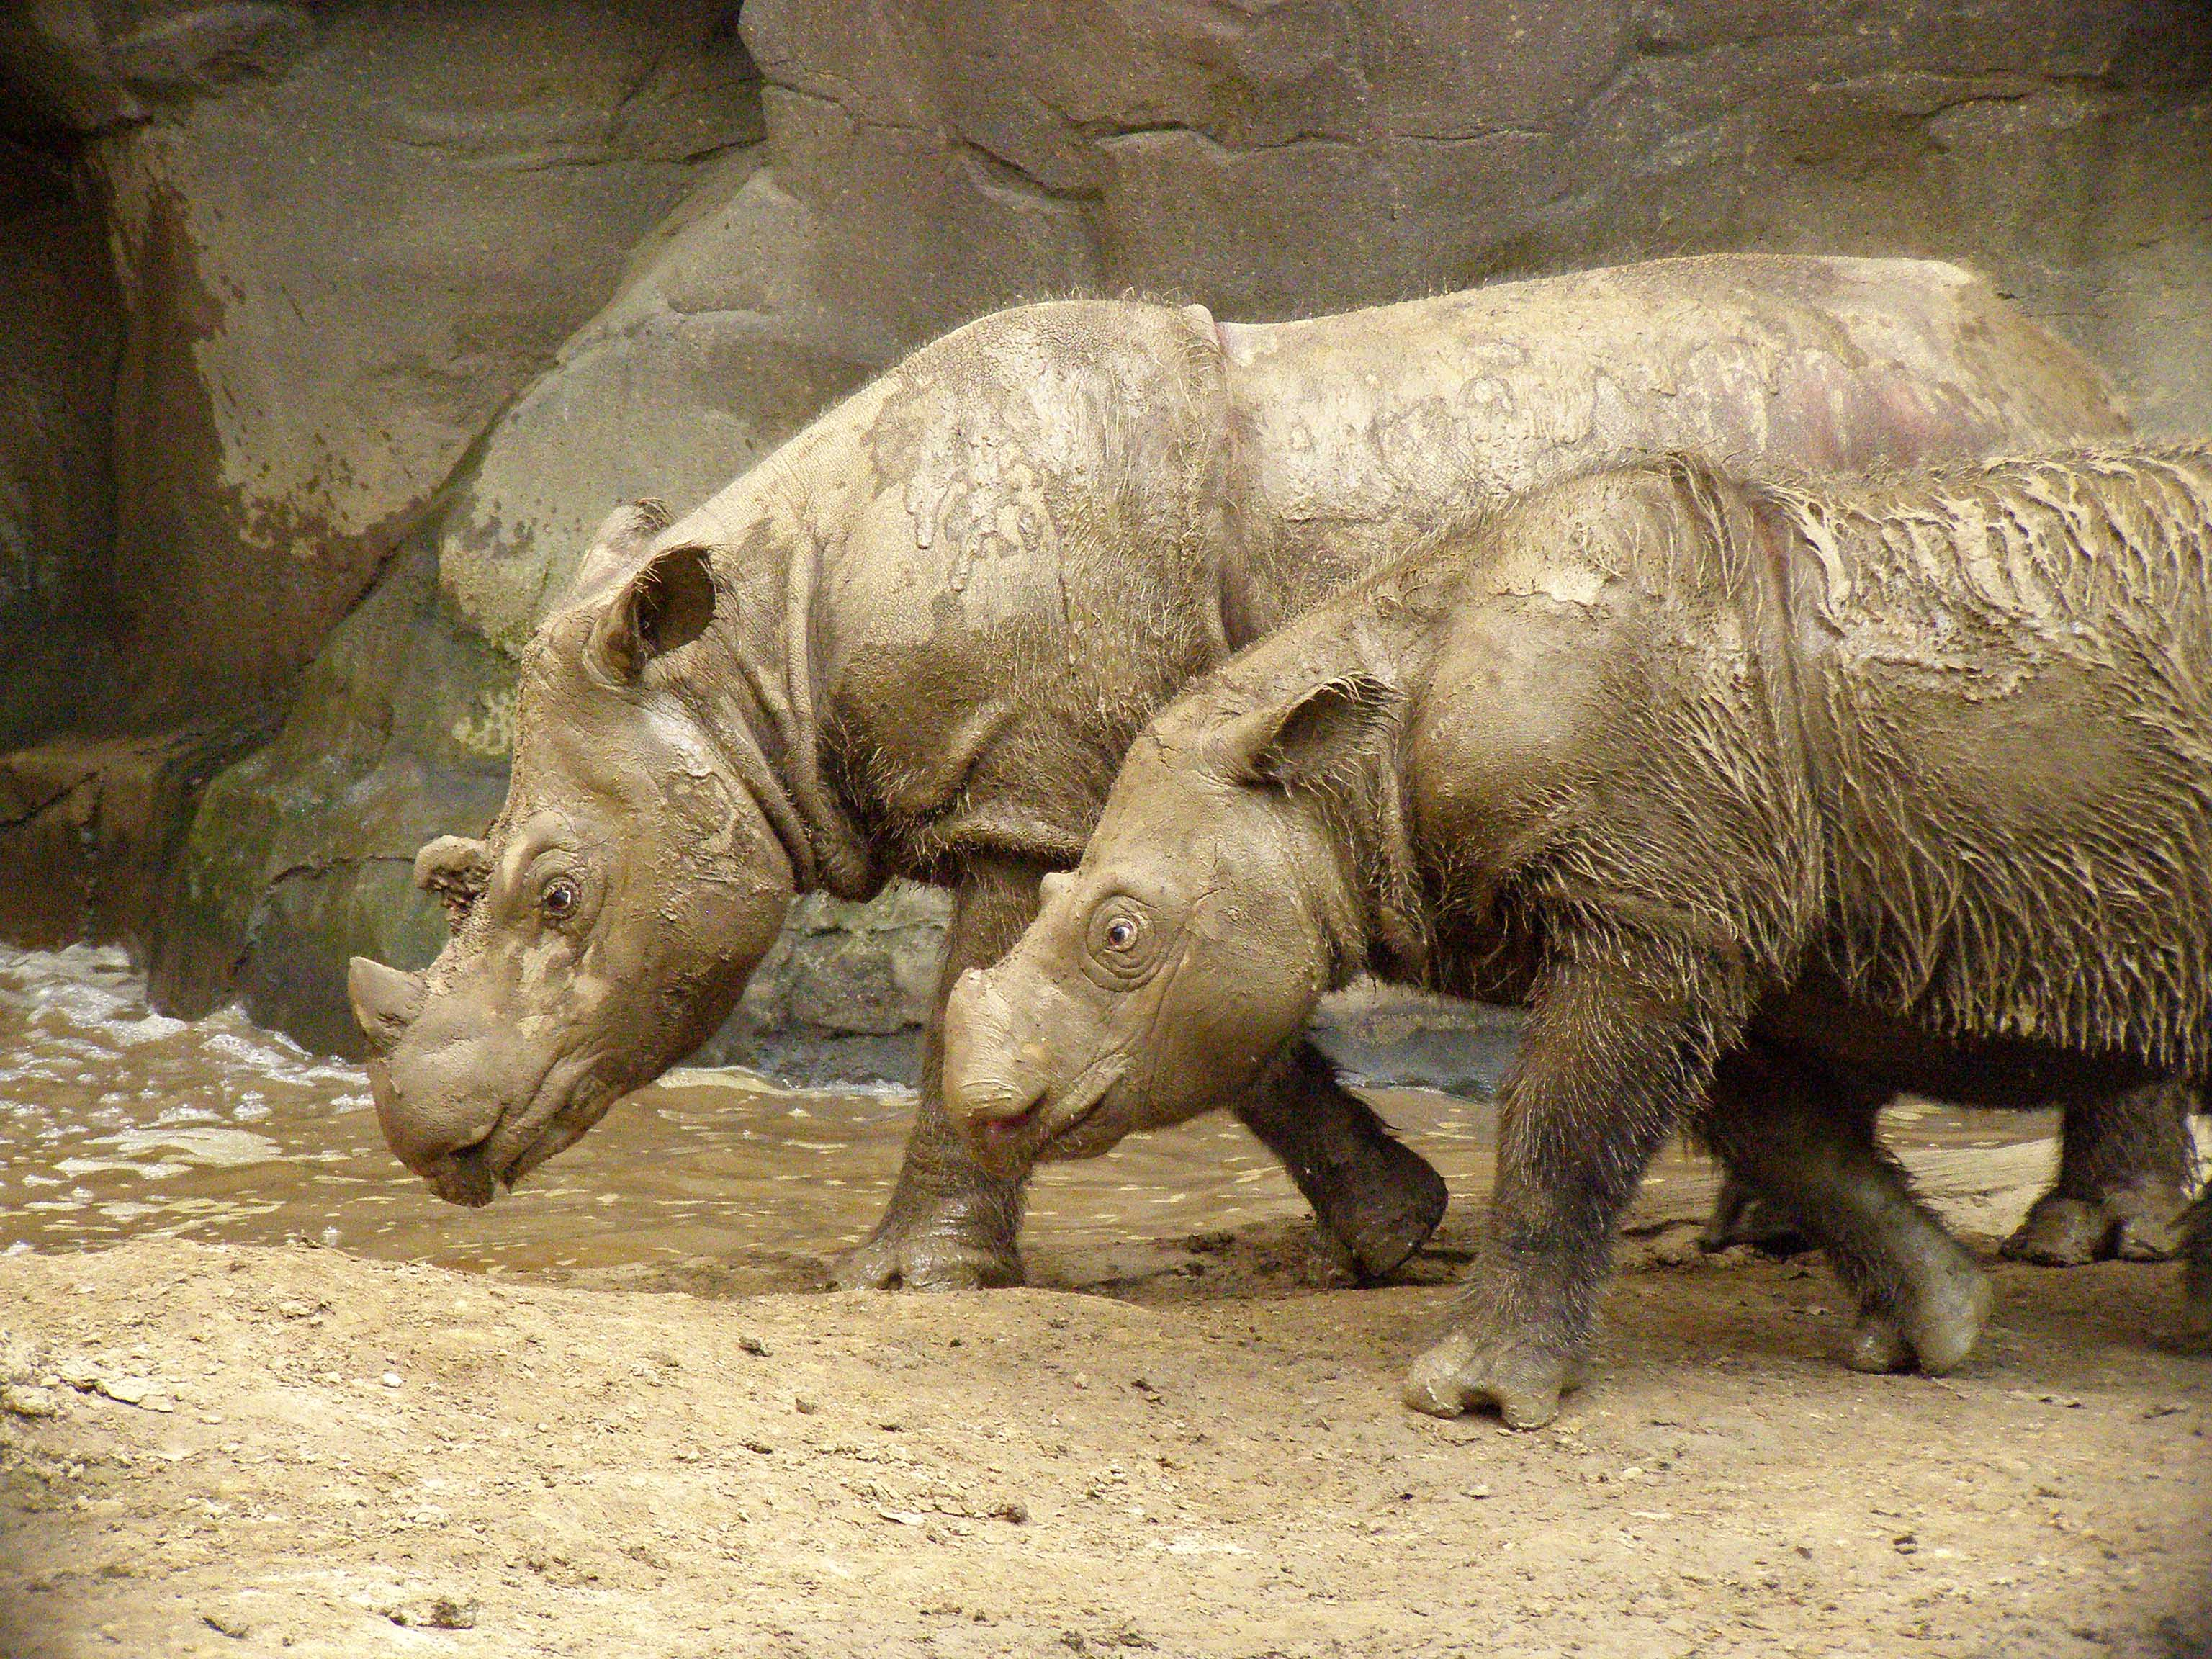 Rinoceronte-de-sumatra – Wikipédia, a enciclopédia livre